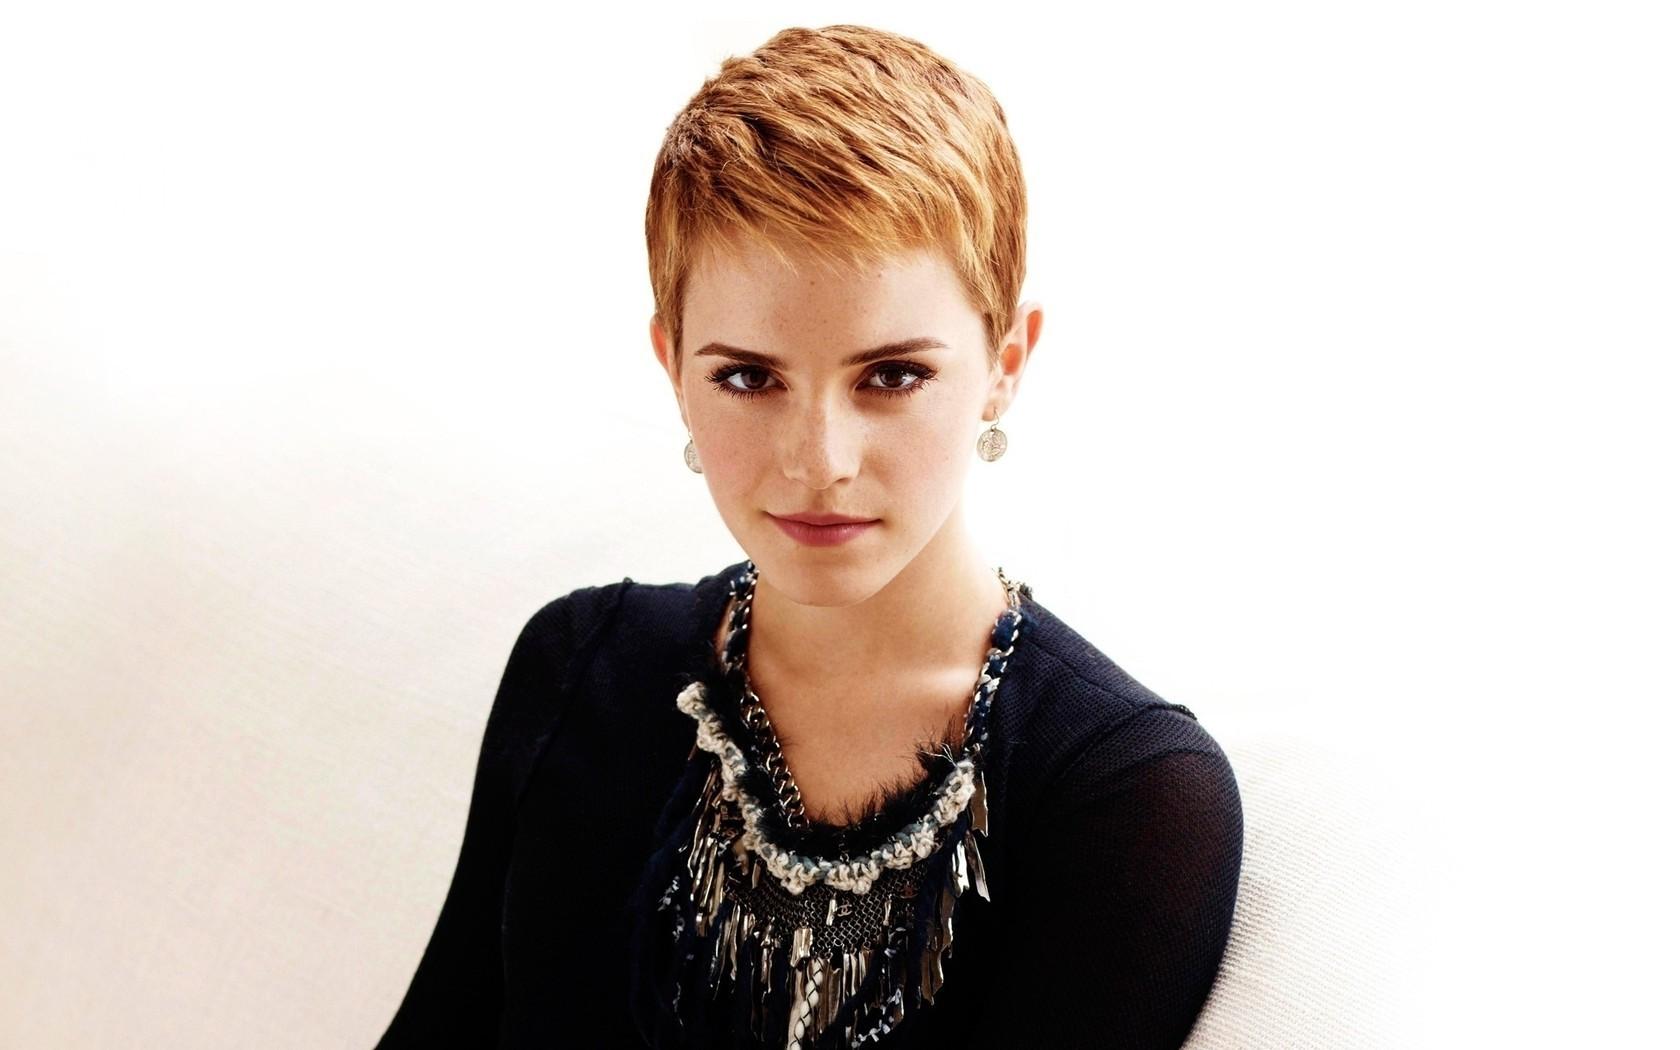 Hintergrundbilder Modell Porträt Lange Haare Sänger